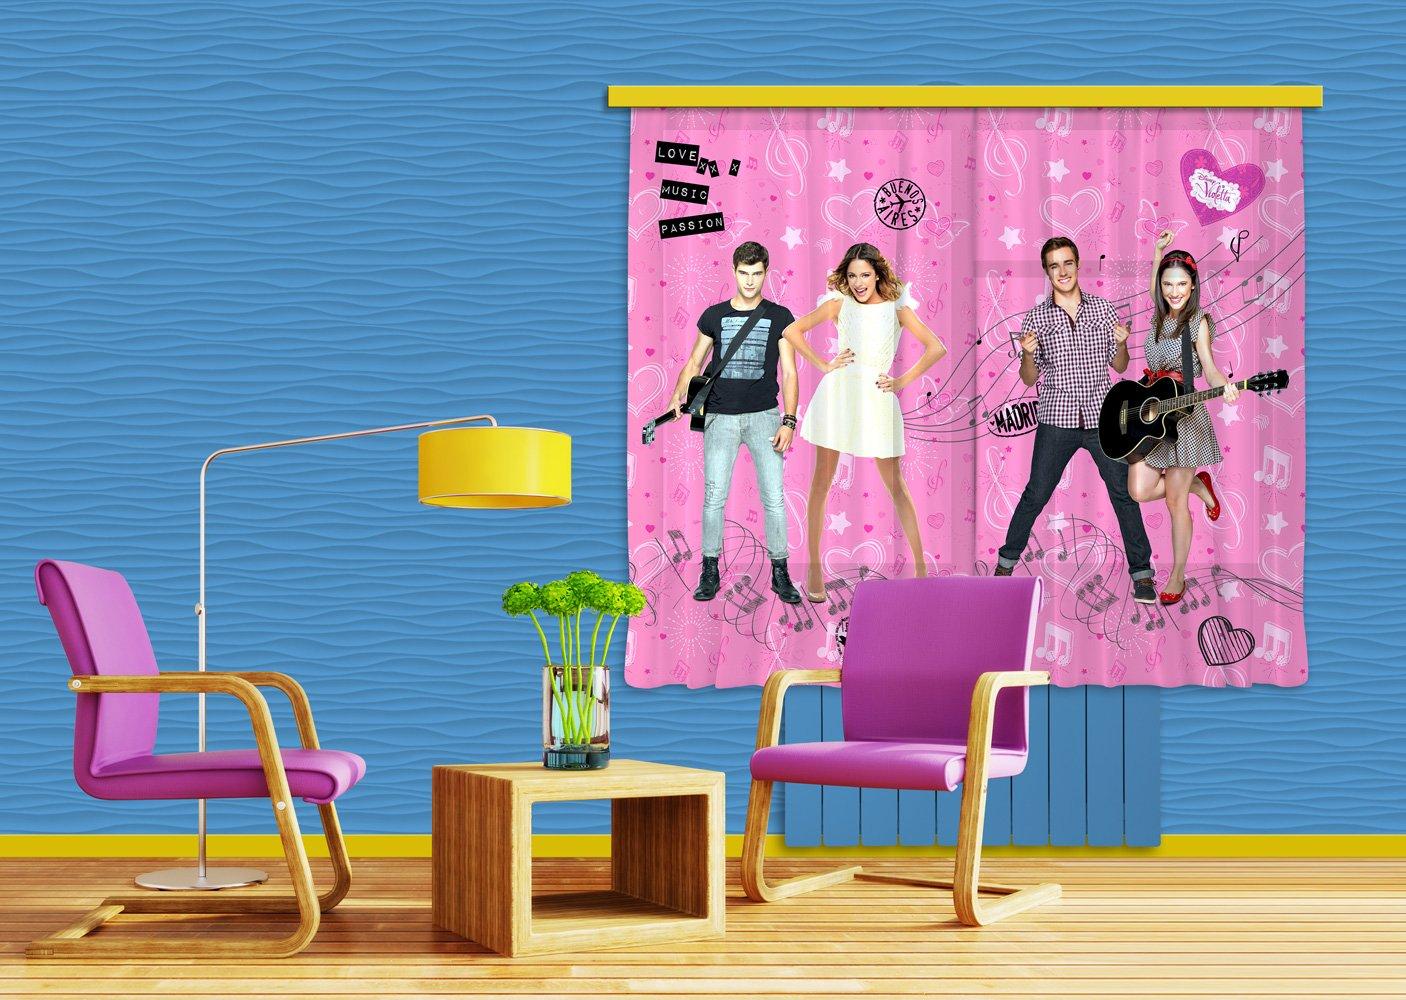 Ziemlich Kinderzimmer Violetta Bilder - Das Beste Architekturbild ...